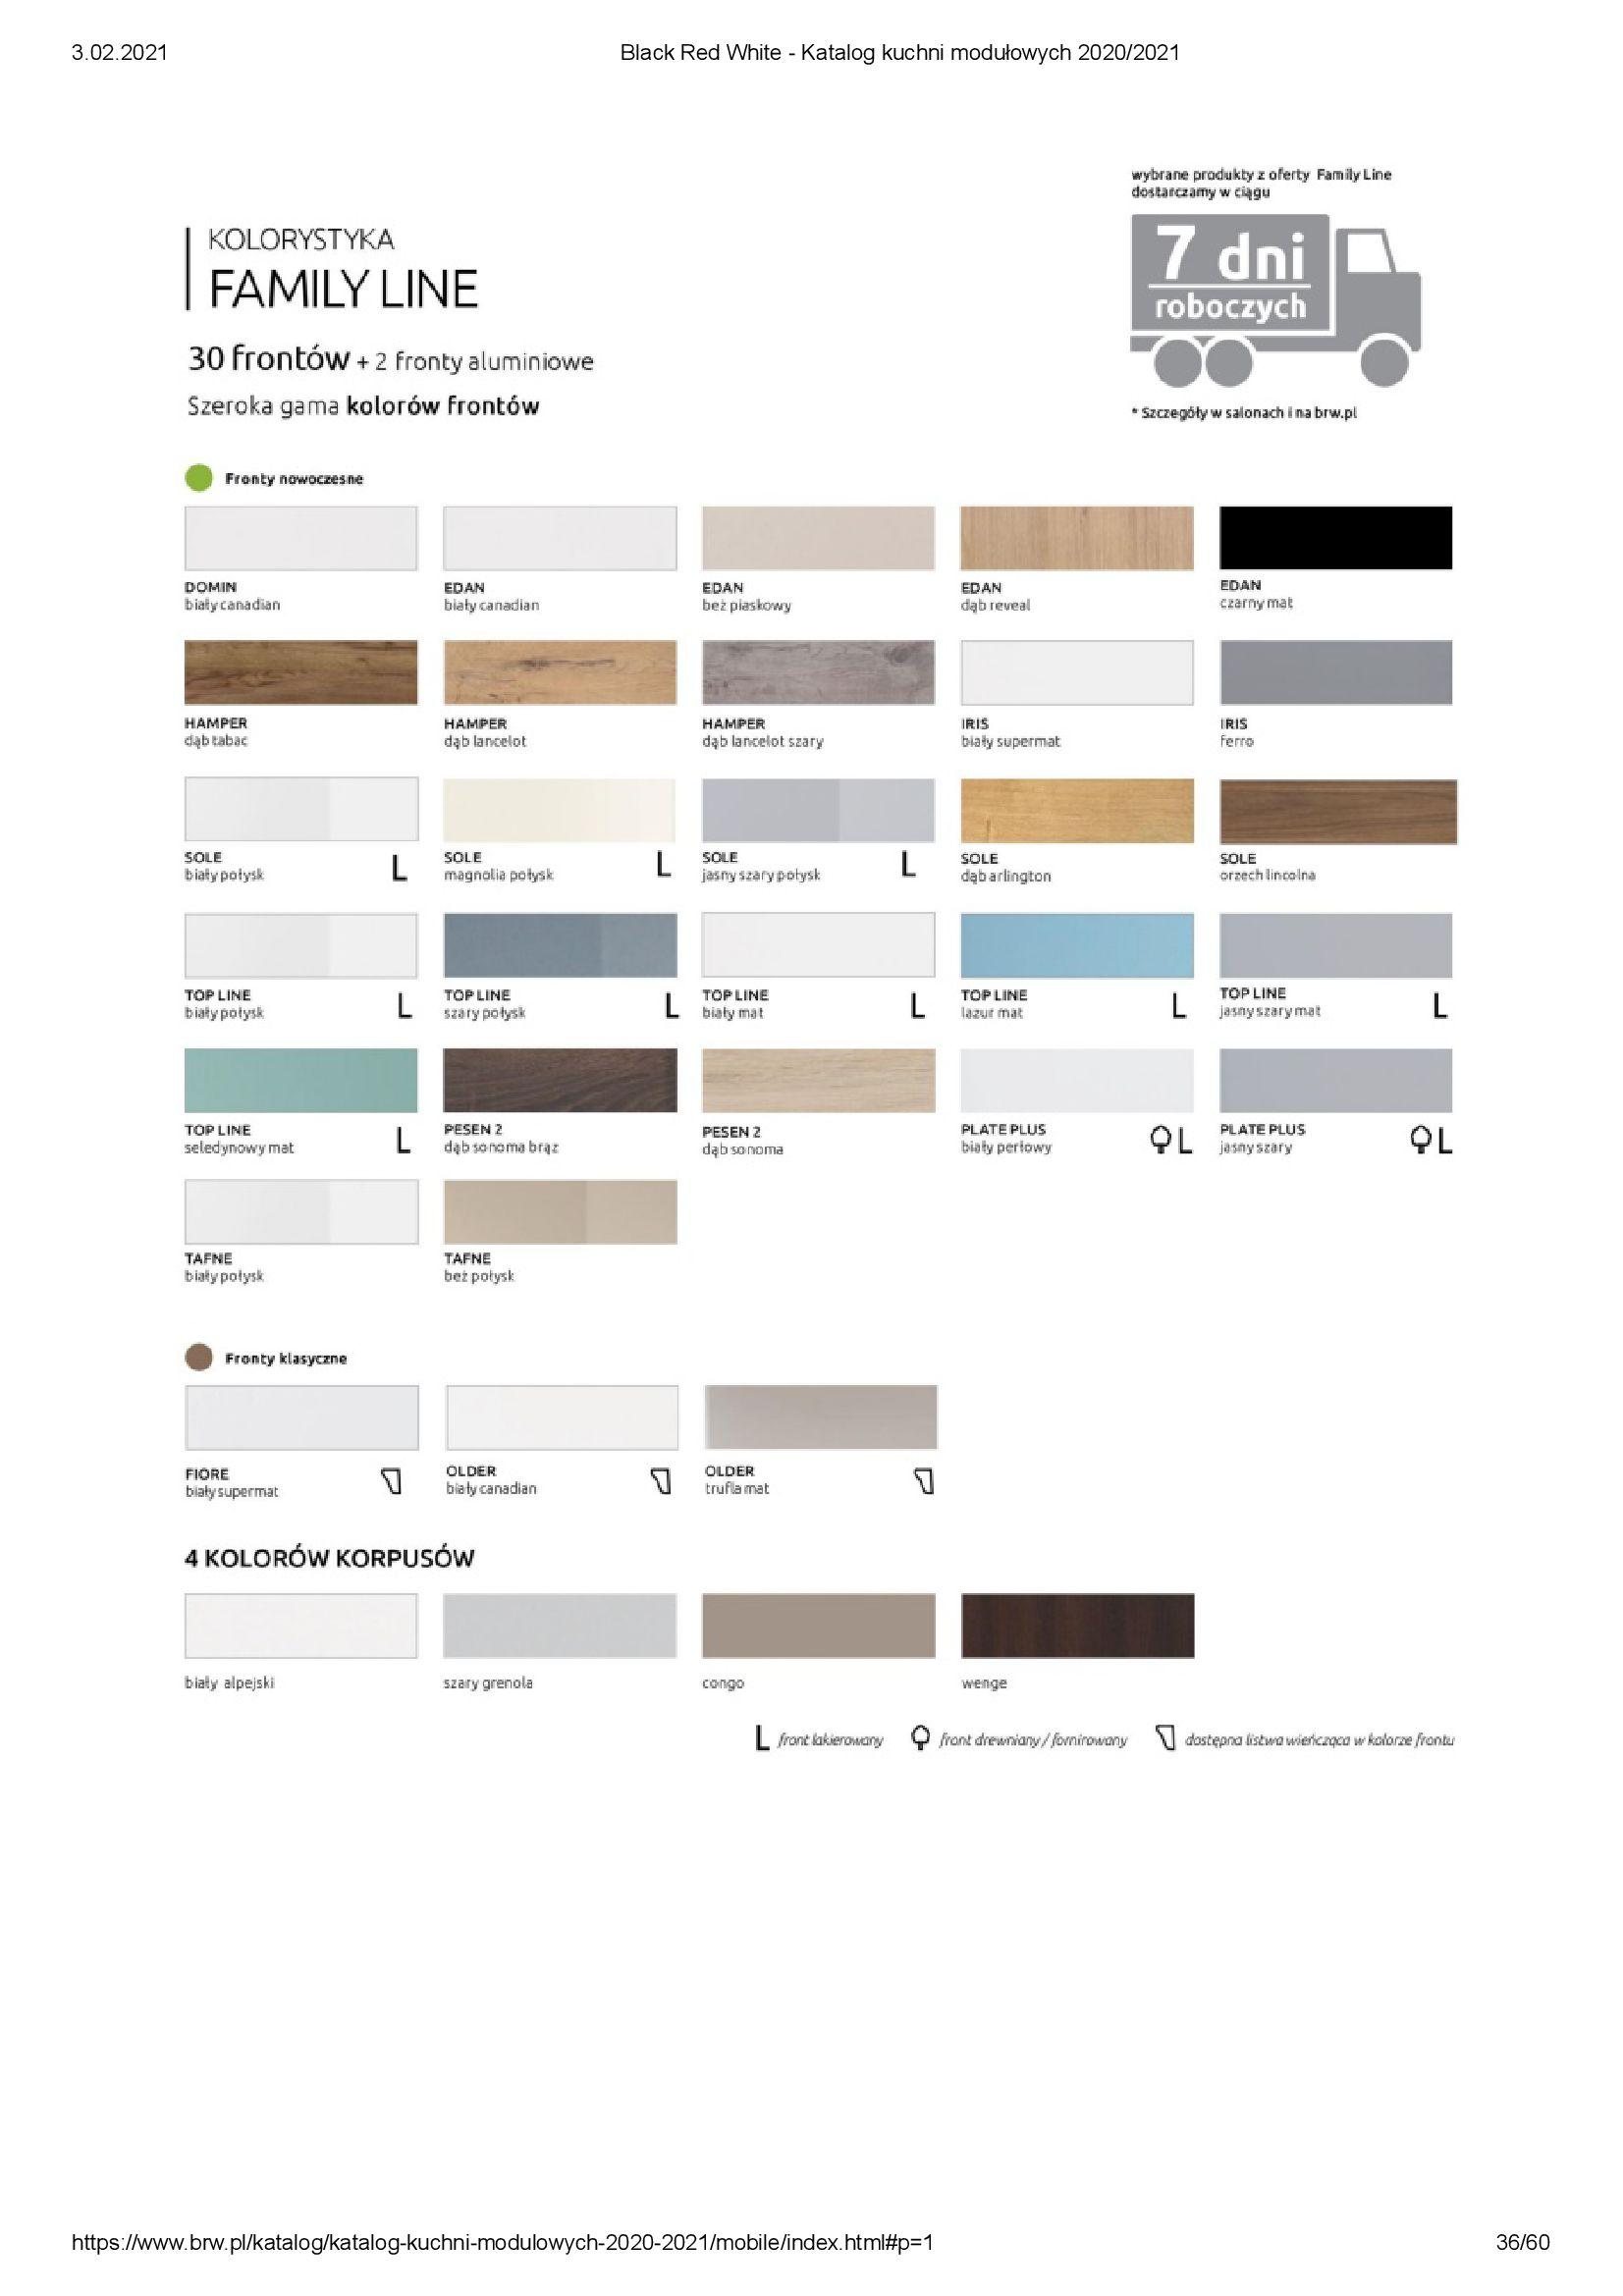 Gazetka Black Red White: Katalog - Kuchnie modułowe 2020/2021 2021-01-01 page-36